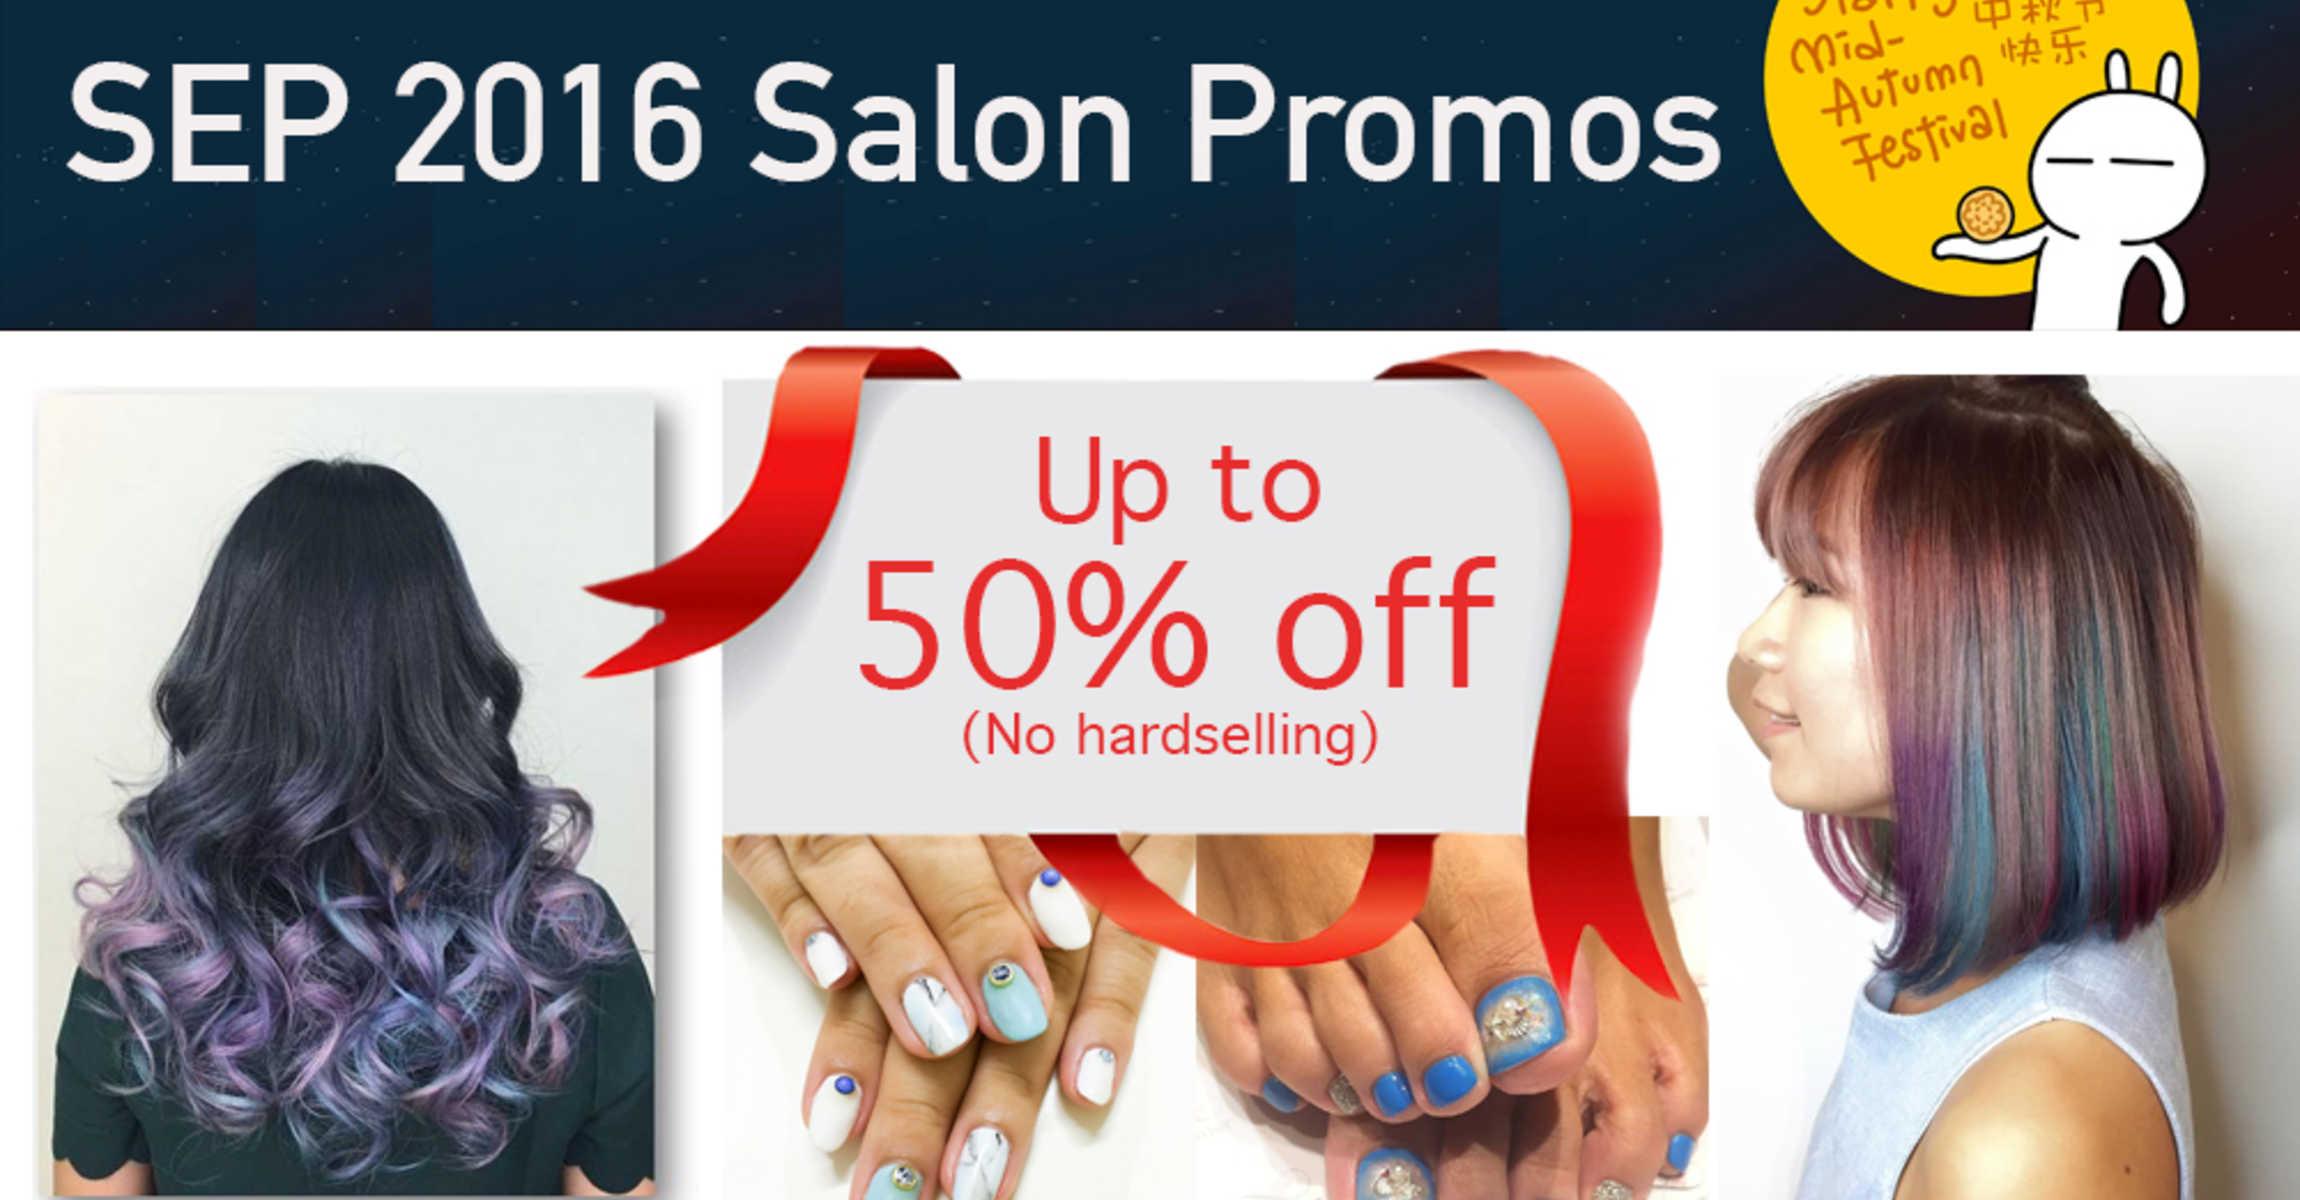 best salon promotions for september 2016. Black Bedroom Furniture Sets. Home Design Ideas